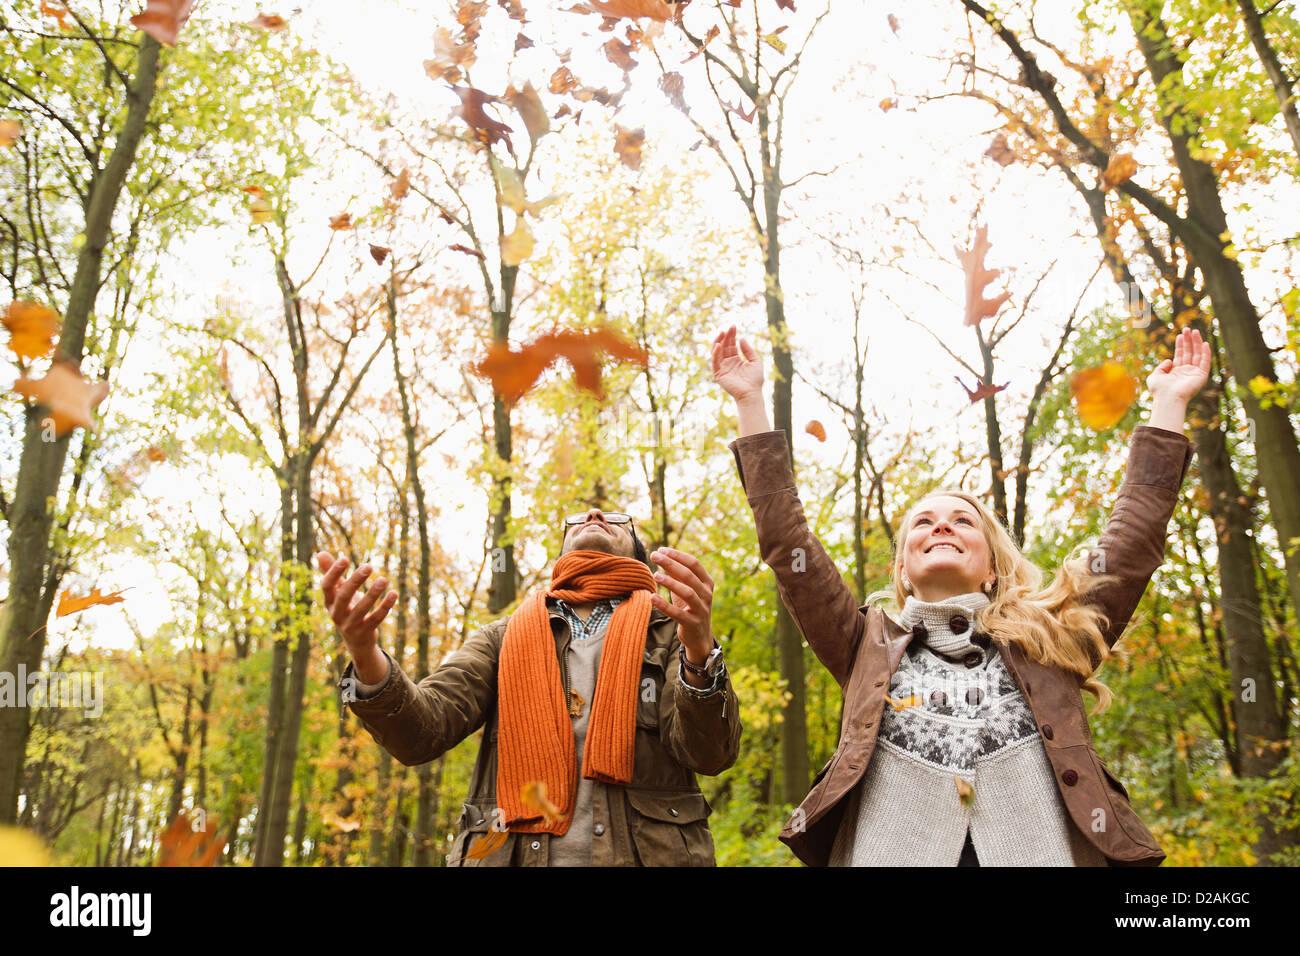 Pareja sonriente jugando en hojas de otoño Foto de stock